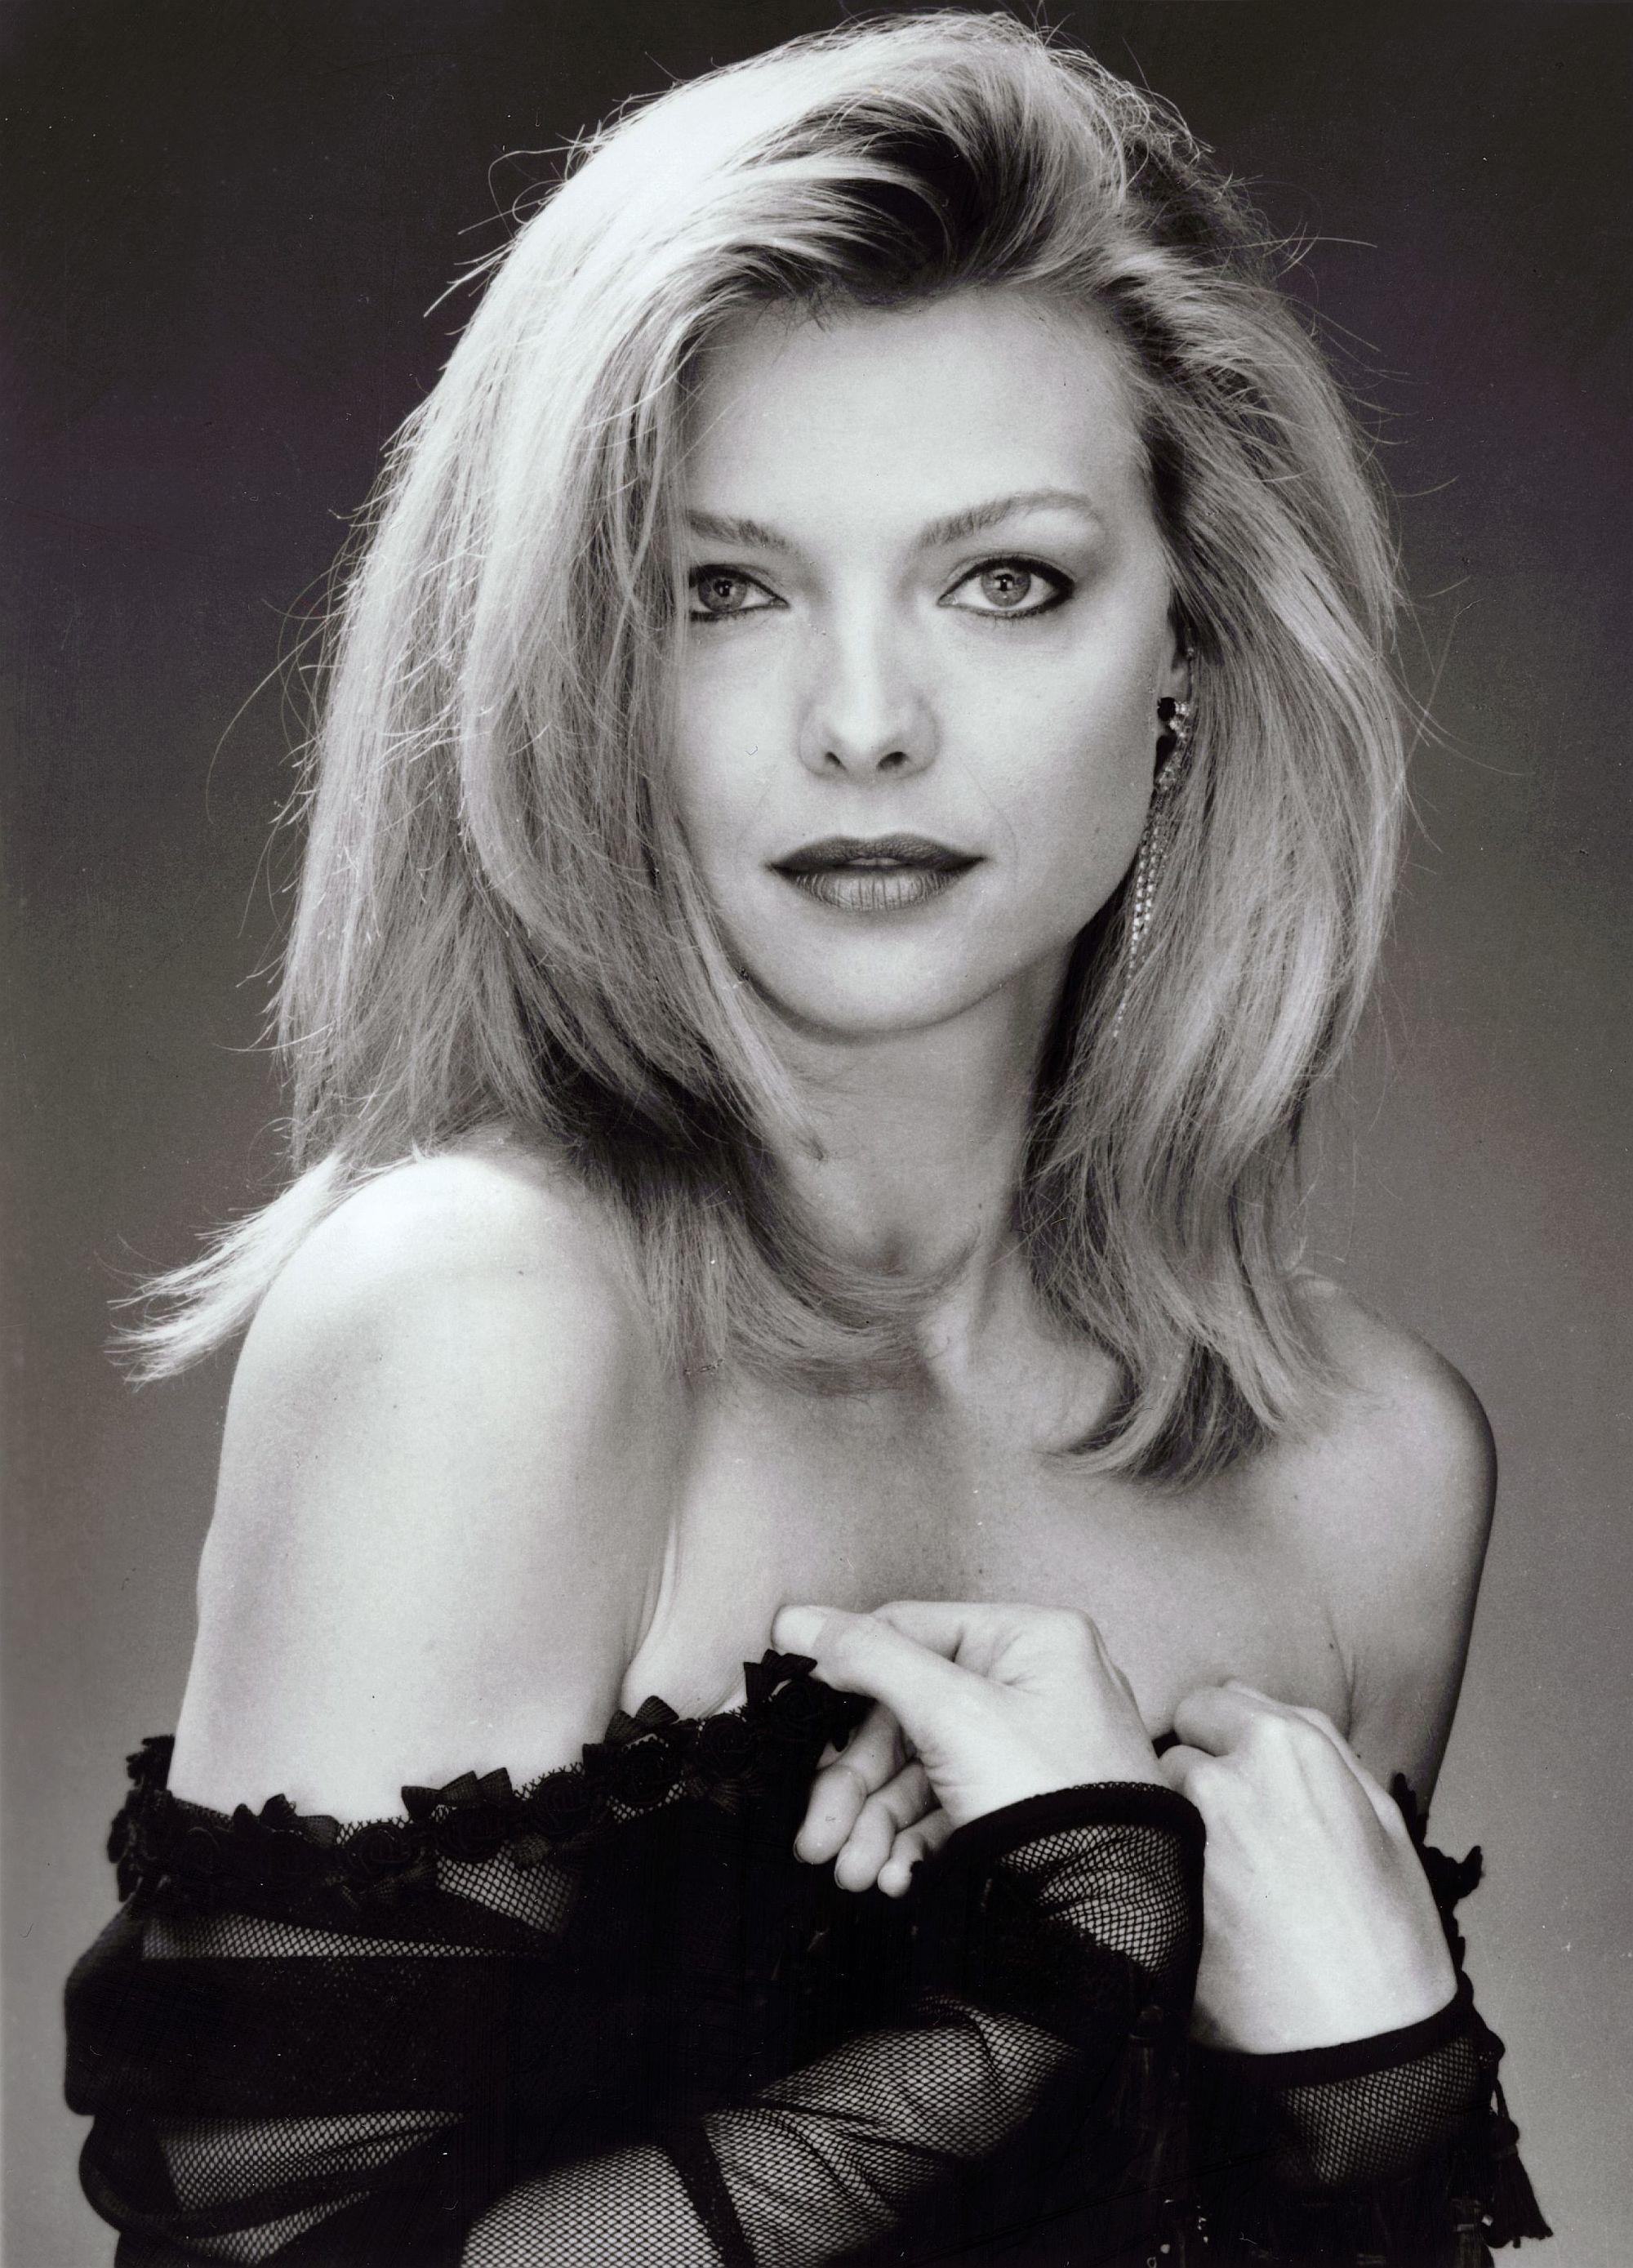 Coiffures des années 80 : Michelle Pfeiffer, cheveux blonds séchés au sèche-cheveux, longueur moyenne des épaules, raie sur le côté et robe à épaules dans une pose séduisante.